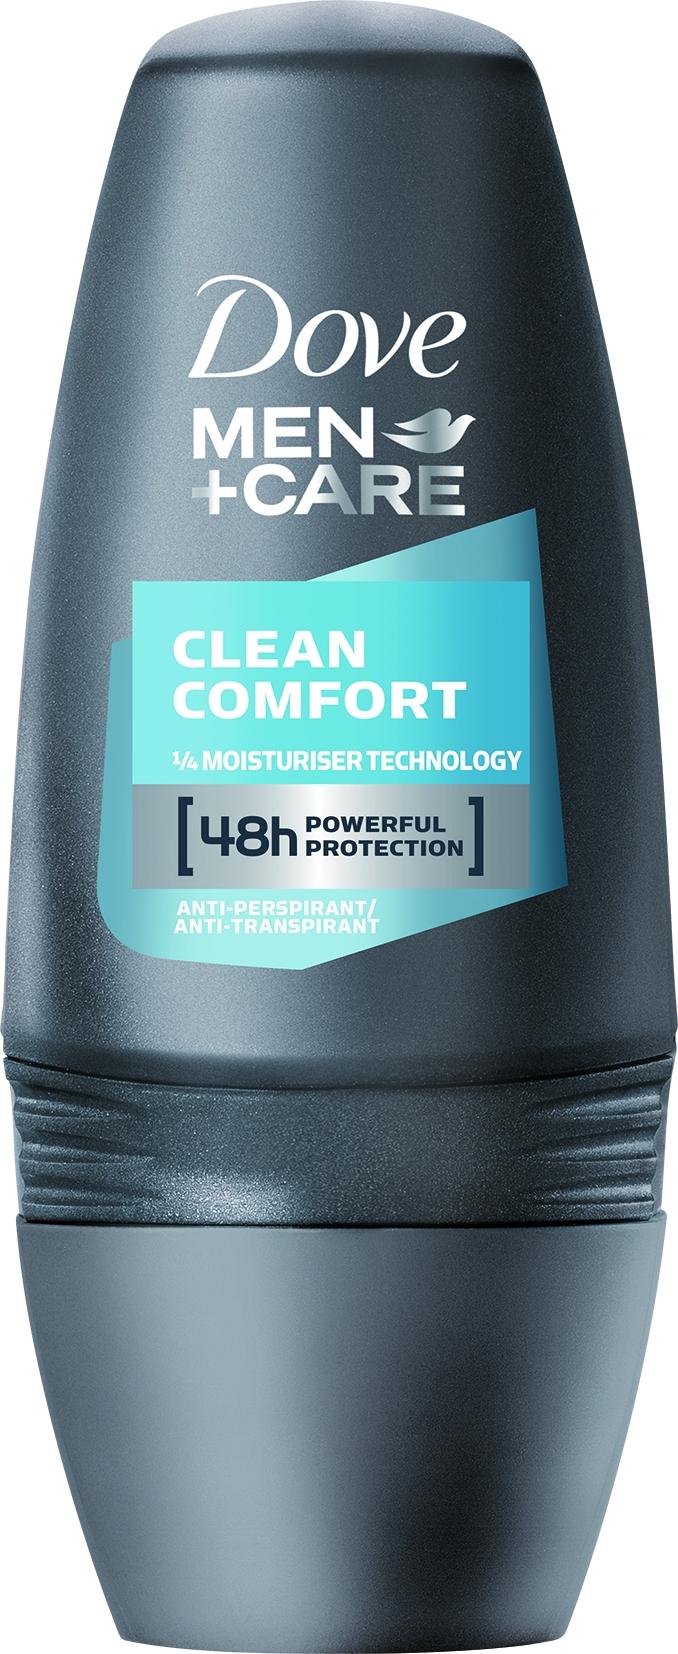 Deo Roll-On Comfort Clean men